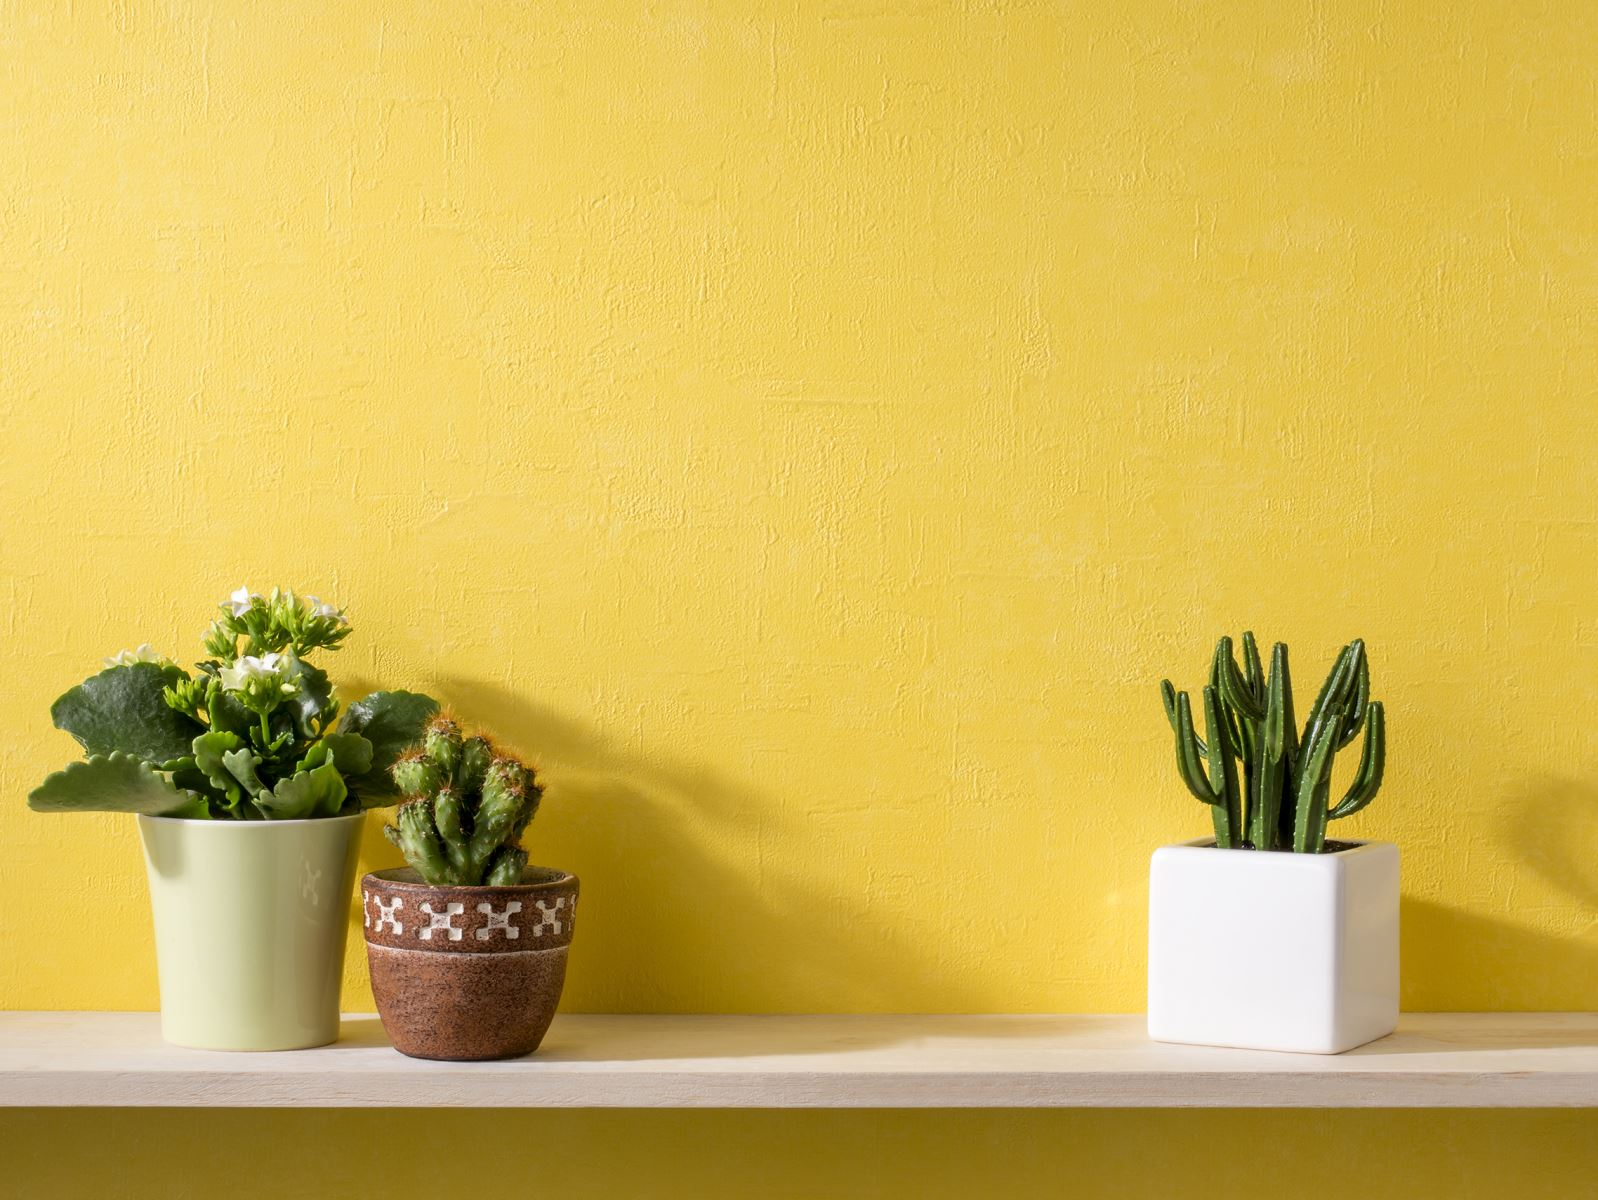 Màu Vàng luôn mang đến năng lượng, phù hợp với nhà bếp và phòng tắm.